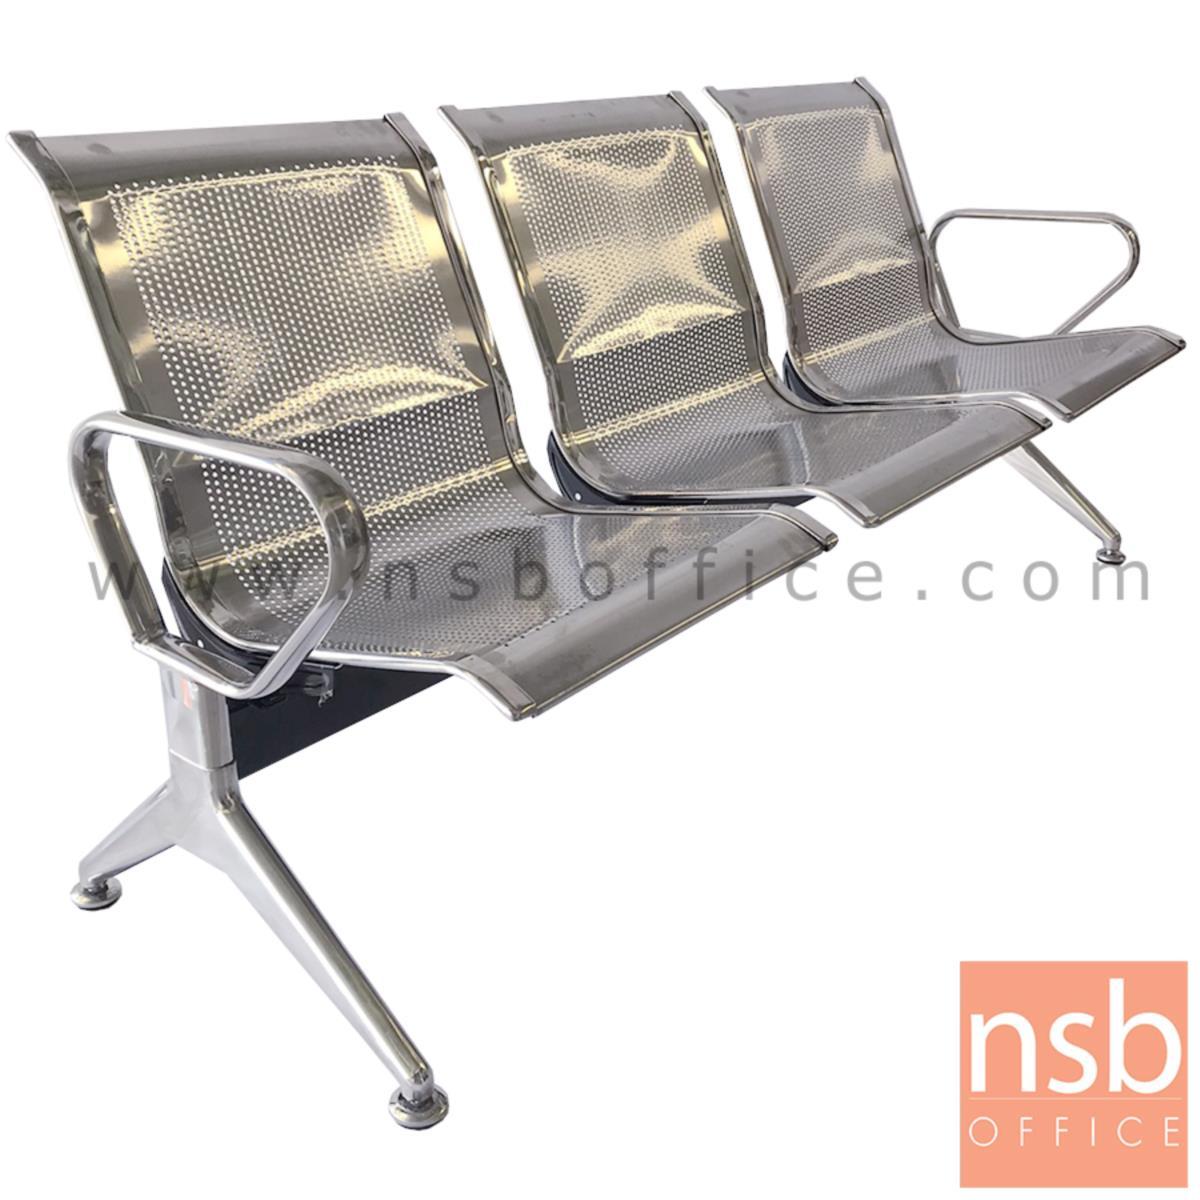 เก้าอี้นั่งคอยสแตนเลส แขนตัวโอ รุ่น Pevensie (พีเวนซี่) 3 ,4 ,5 ที่นั่ง ขนาด 180W ,232W ,237W cm.